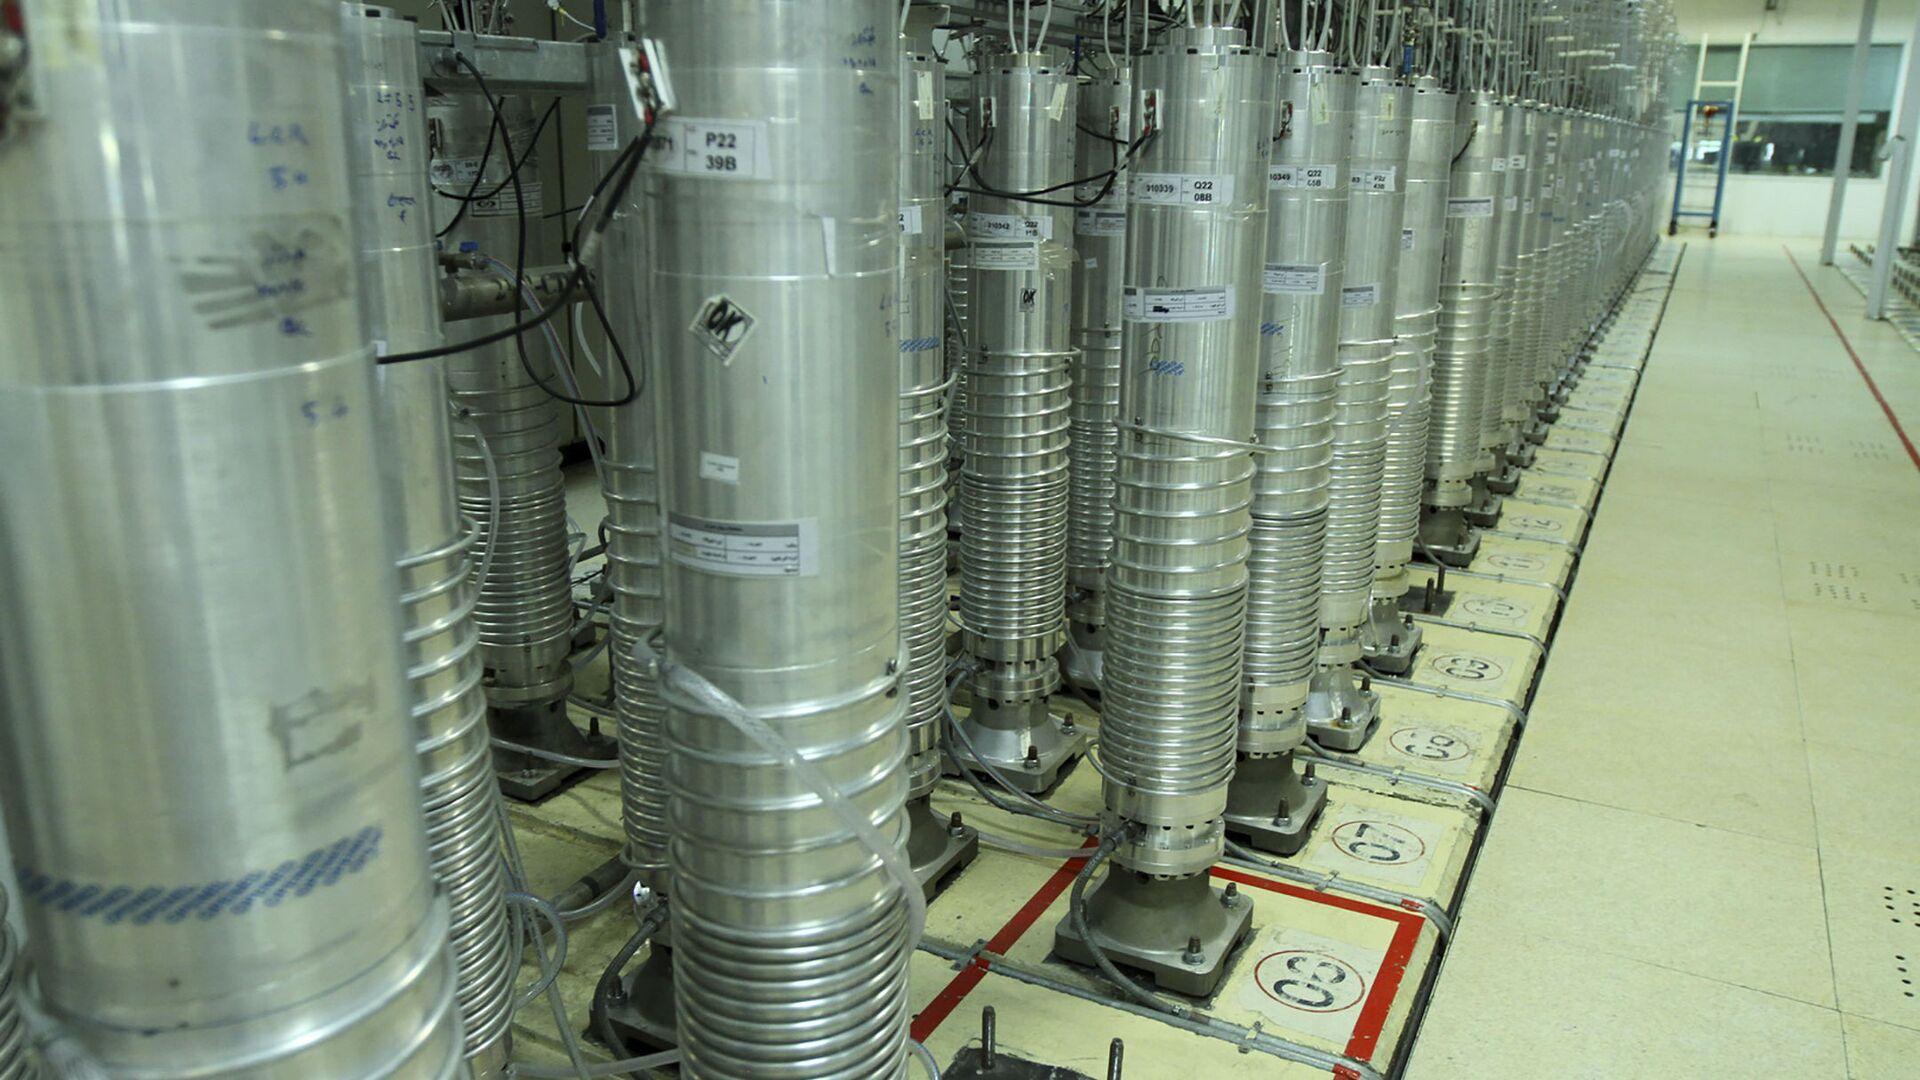 Macchine centrifughe nell'impianto di arricchimento di uranio di Natanz - Sputnik Italia, 1920, 14.07.2021